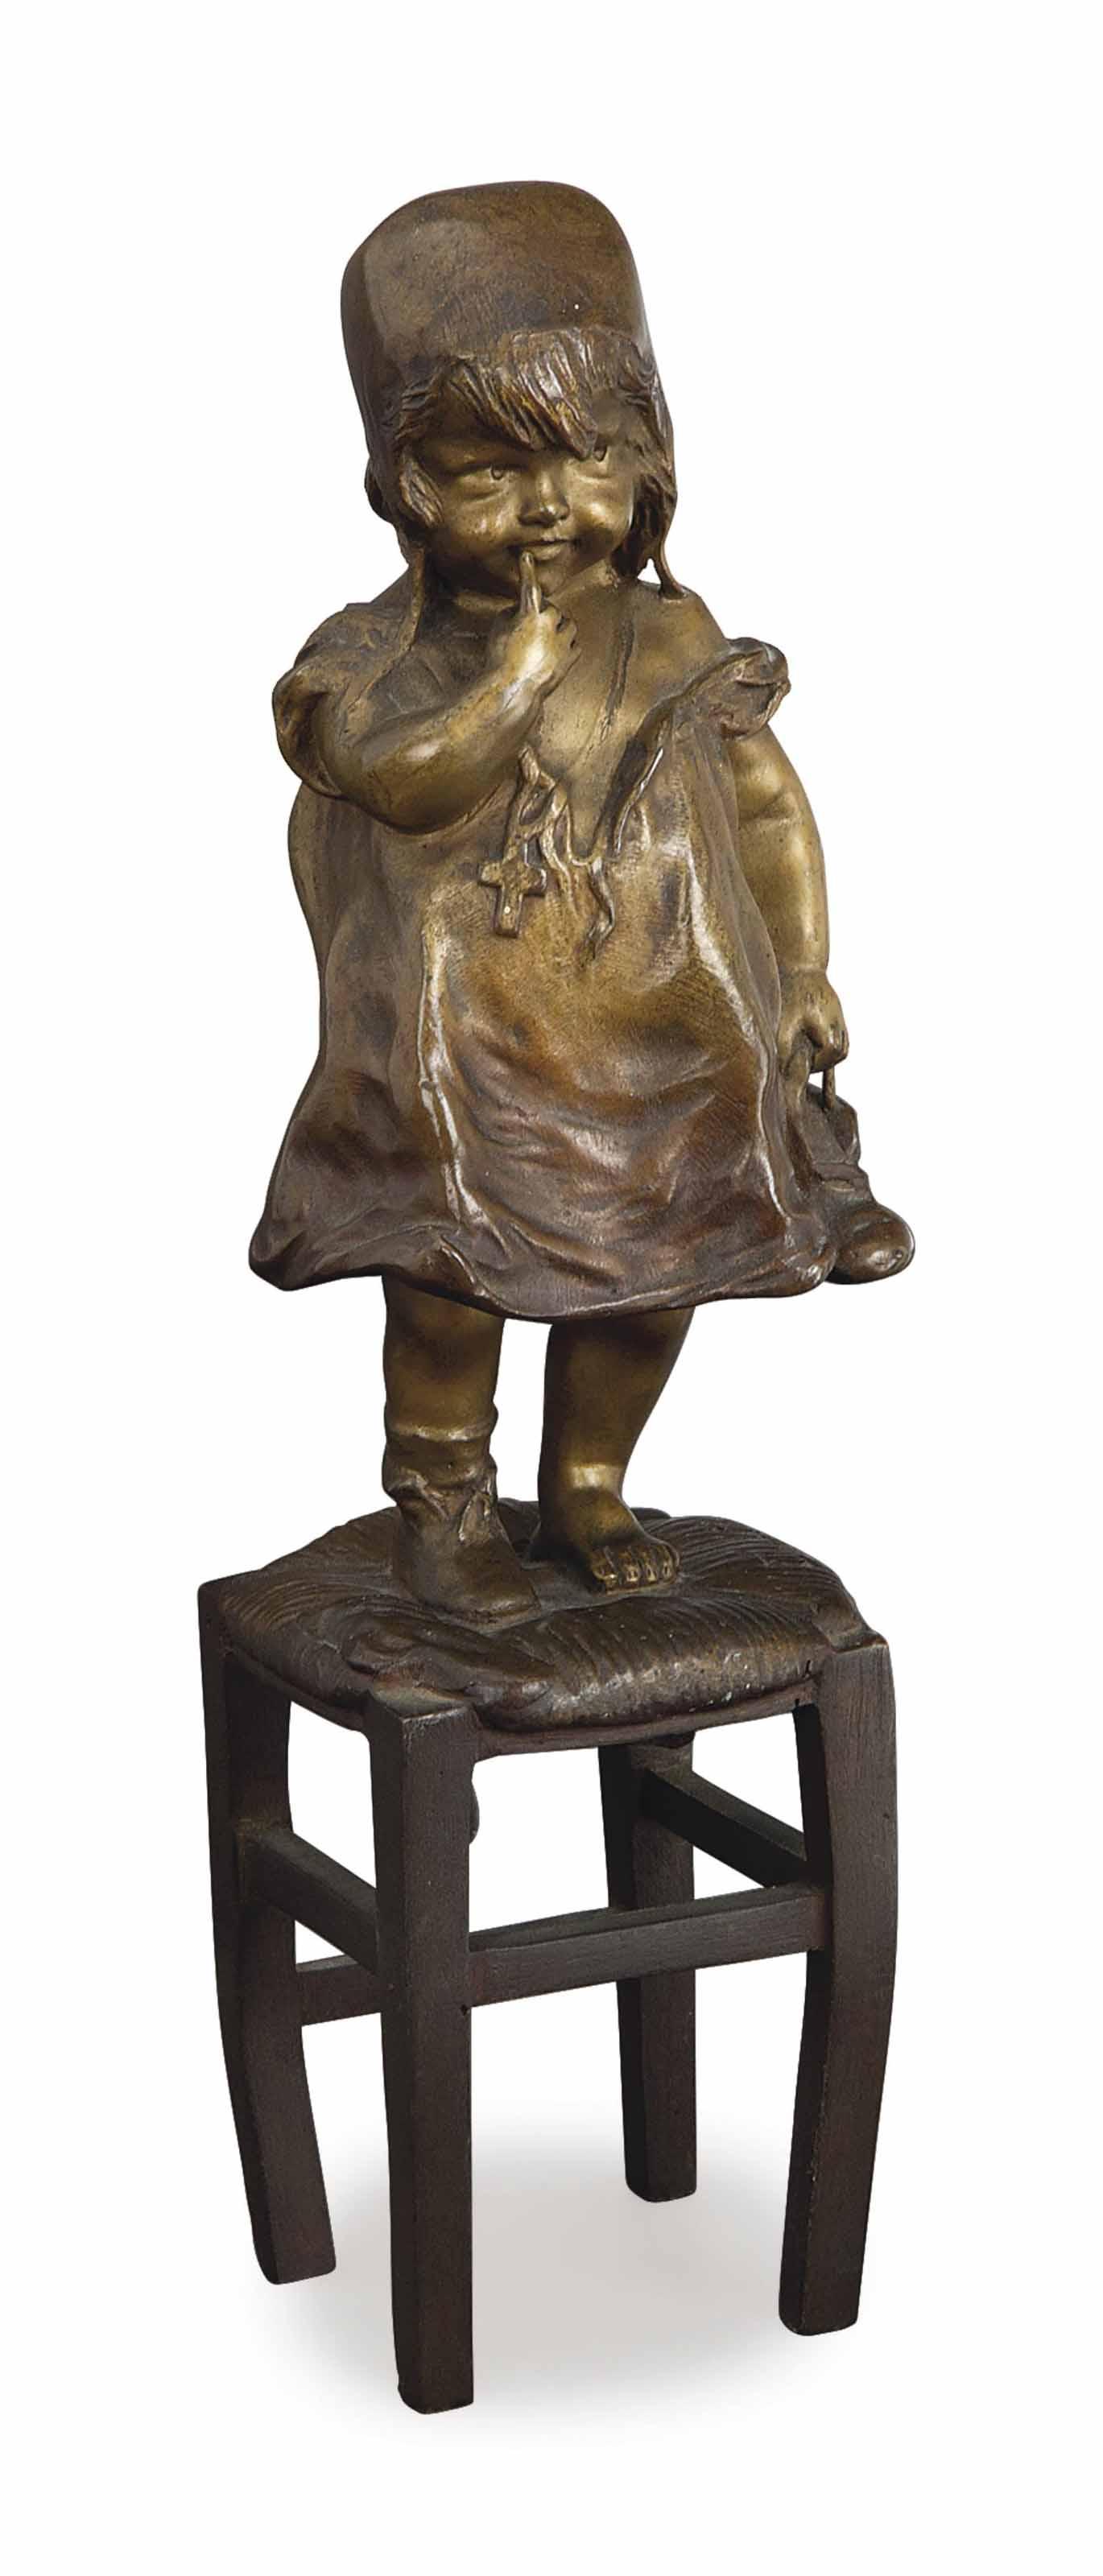 Juan Clara (SPANISH, 1875-1958